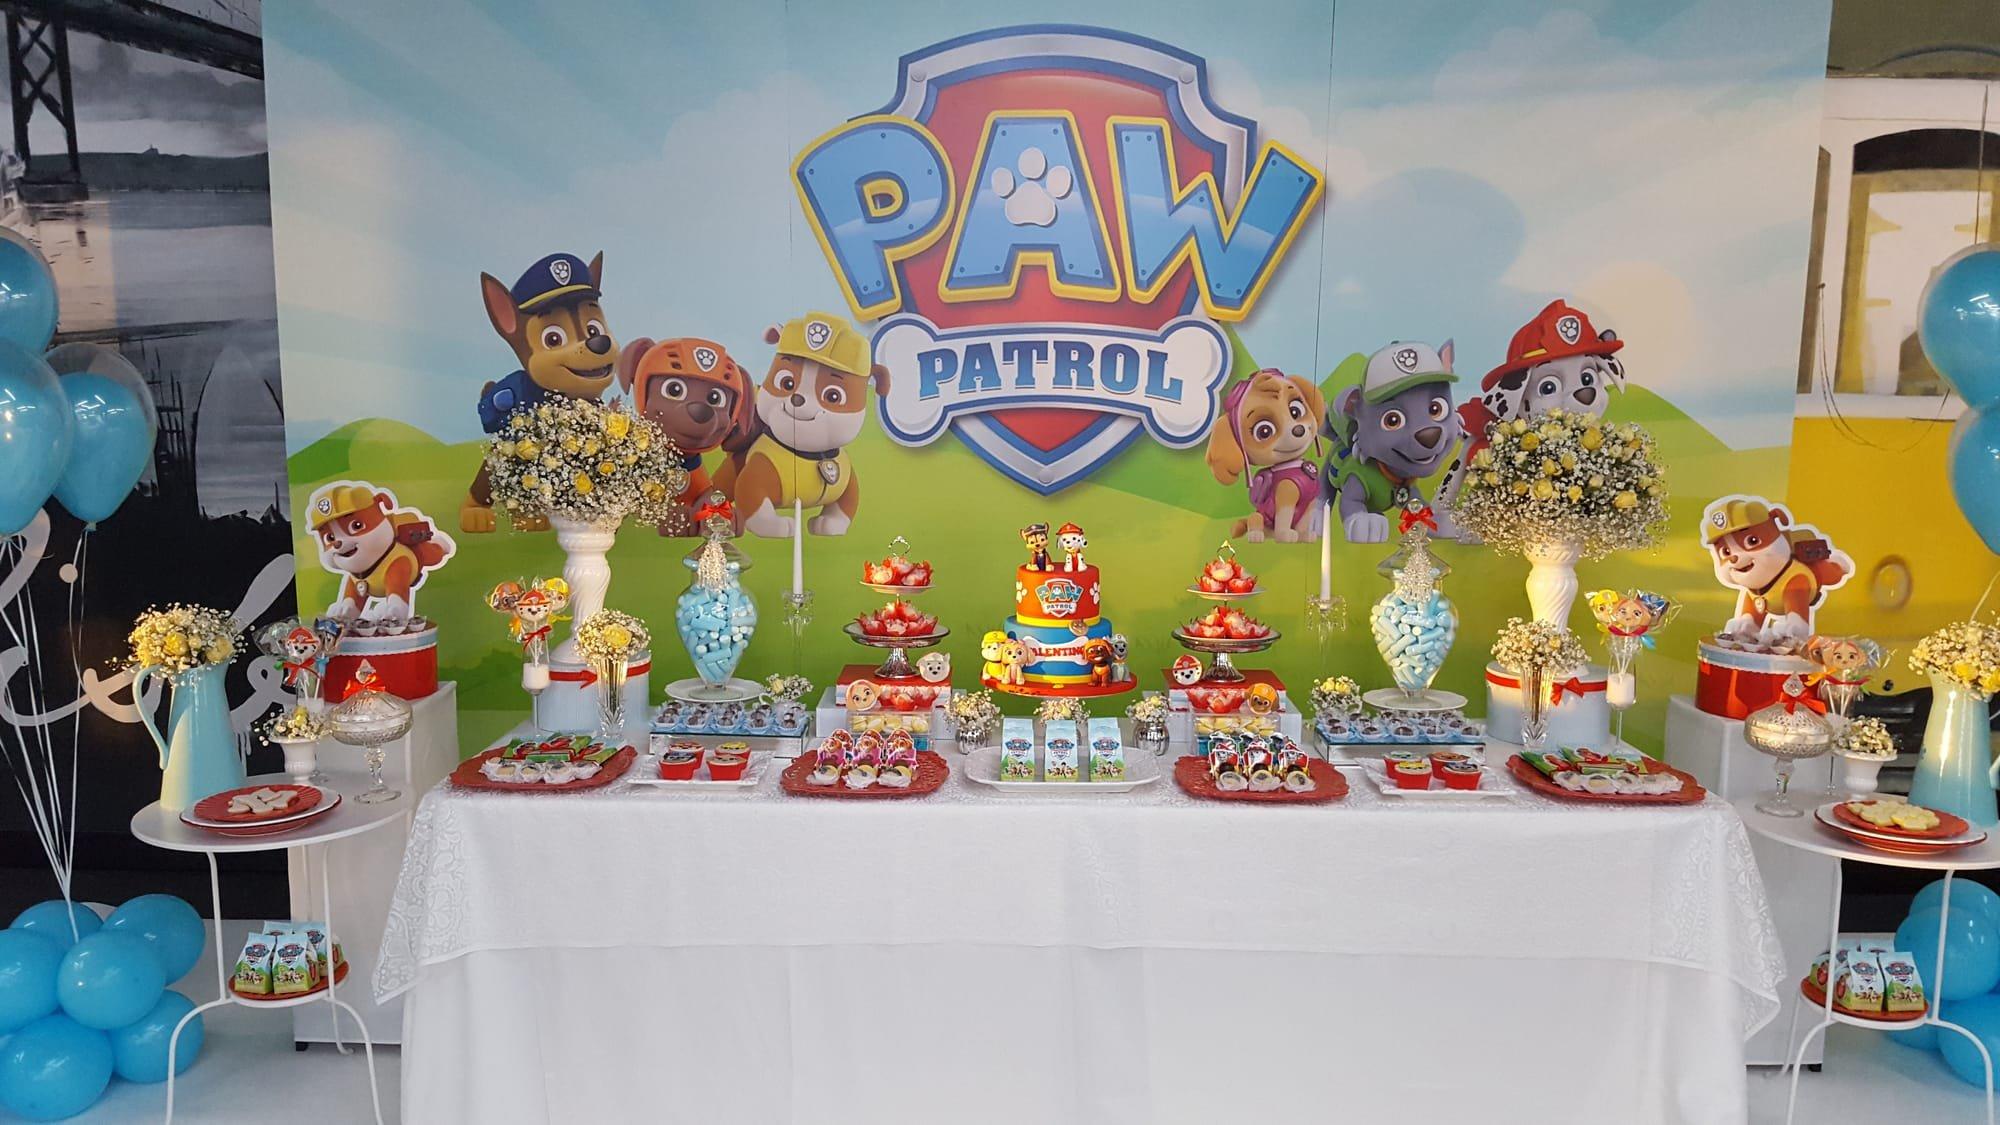 Decoração de festa infantil tema Paw Patrol - Patrulha Pata